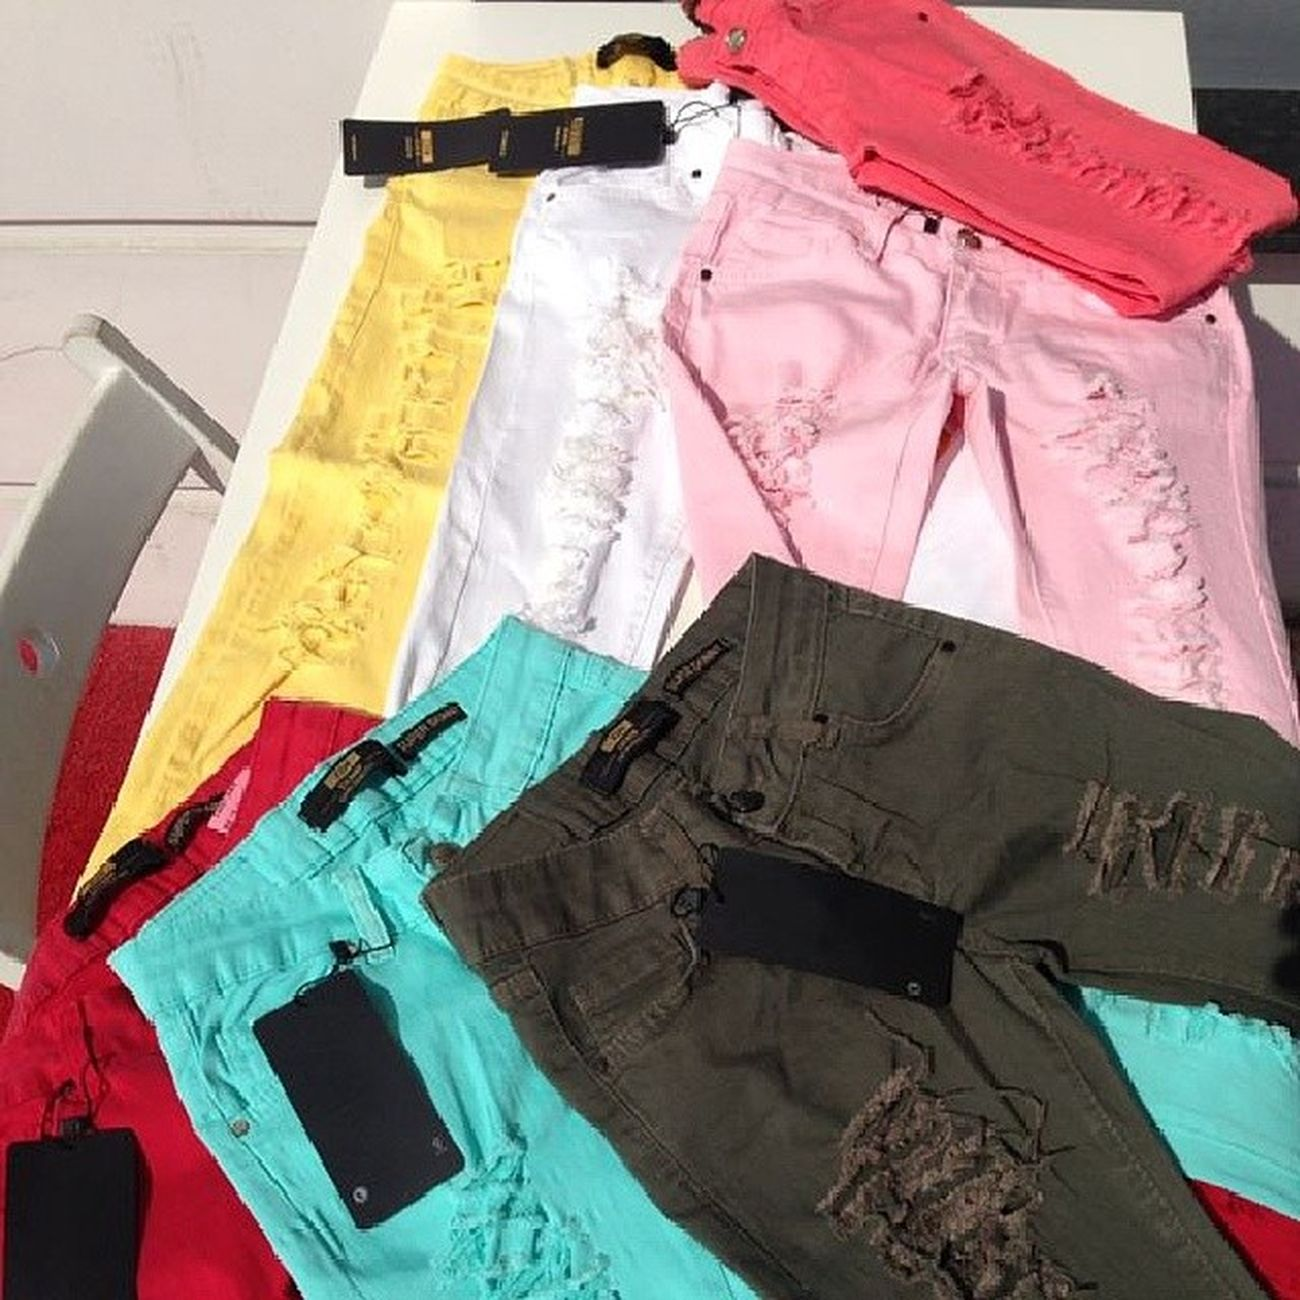 Yeni Sezon Model Pantolon butik bayan İzmir İstanbul Turkiye Assos dostum party girly copenhagen colors kardeş kaliteli jeans etek kombin çok güzelgeldişimdiherkestarzgiyecek